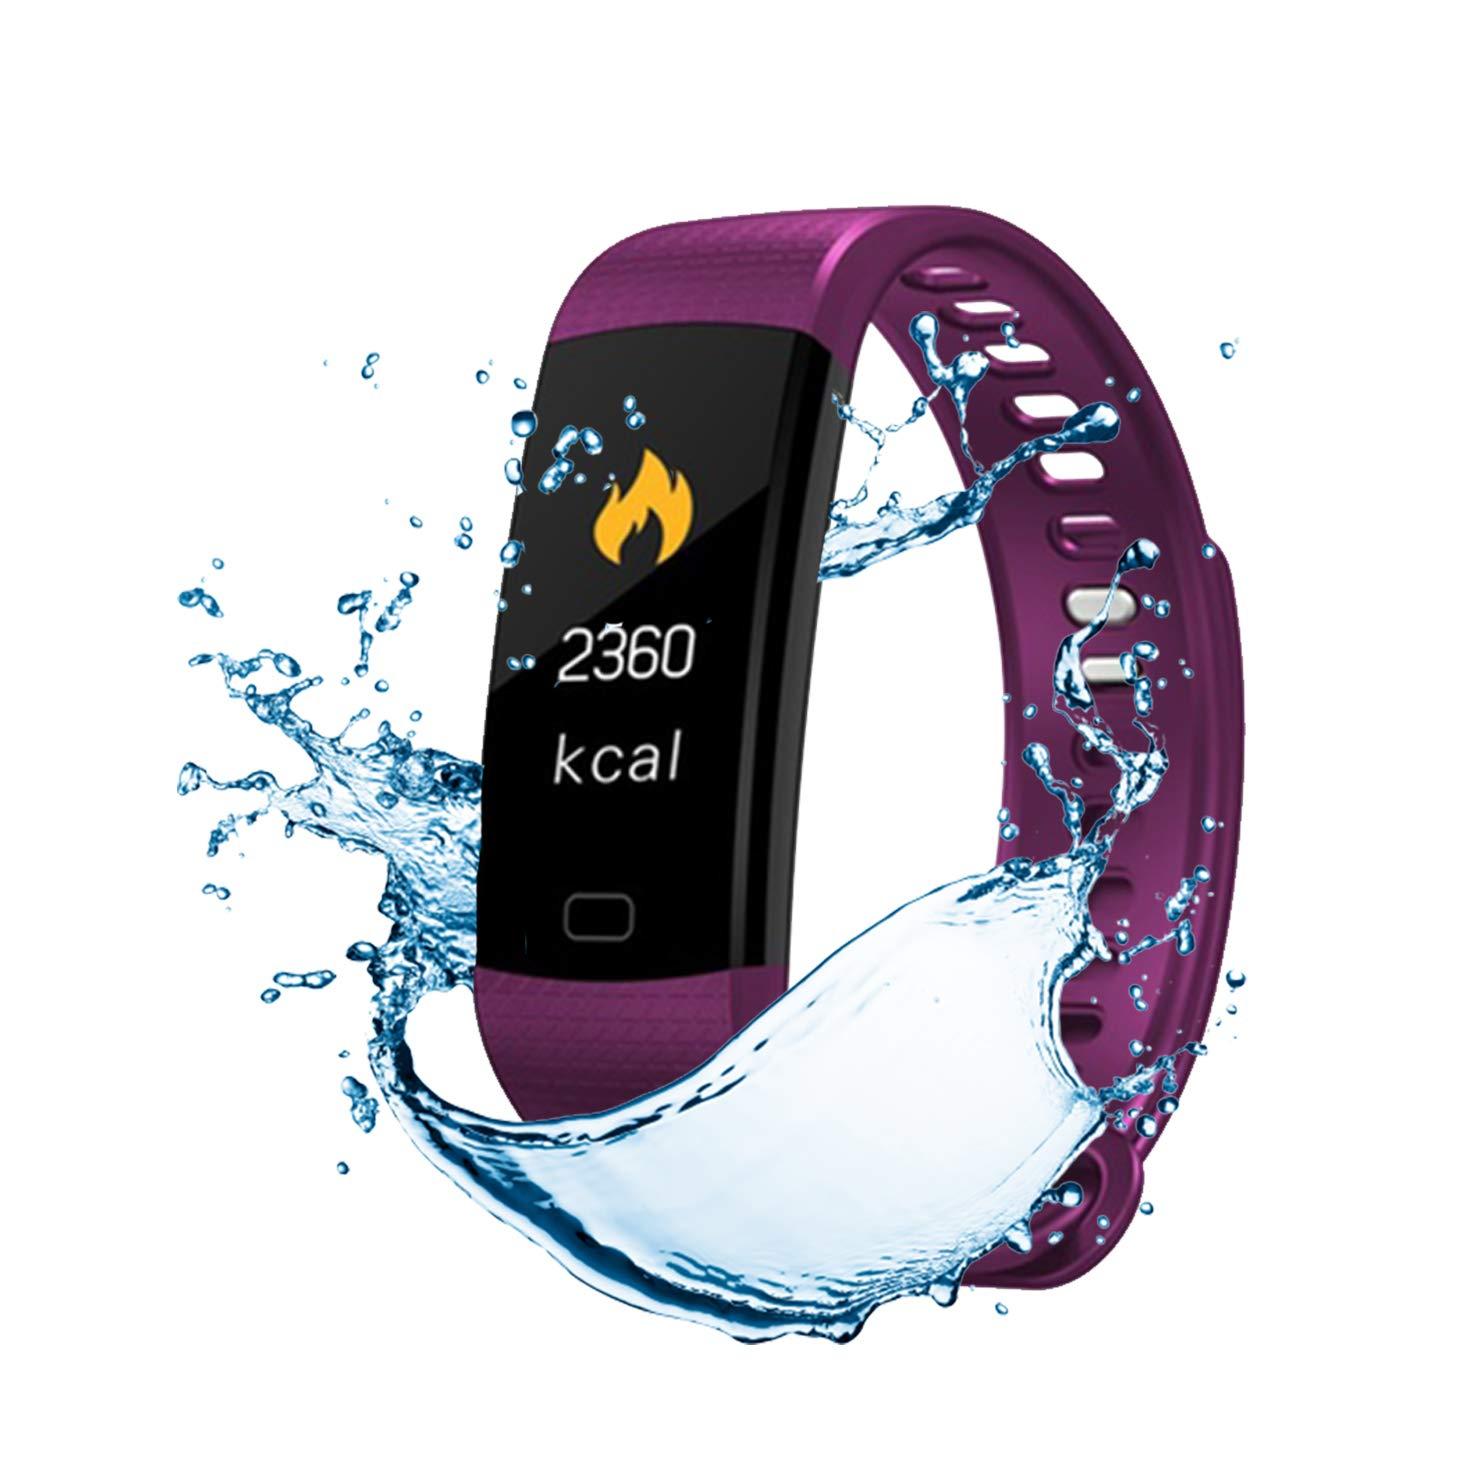 Pulsera de Actividad Inteligente FitBand cRadia con pantalla táctil, pulsómetro láser, monitor de Frecuencia Cardíaca HR, Podómetro, resistente al agua con protección IP67, contador de pasos y monitor de Sueño para Android y iPhone 9